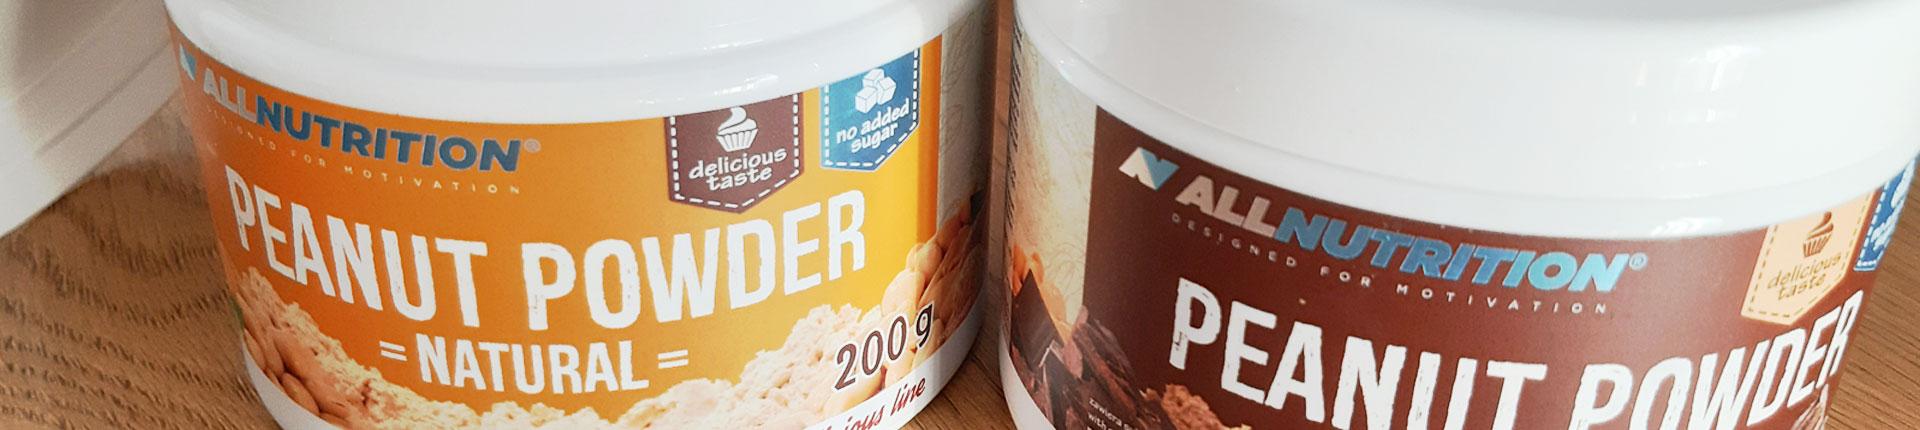 Peanut Powder - odłuszczone masło orzechowe w proszku